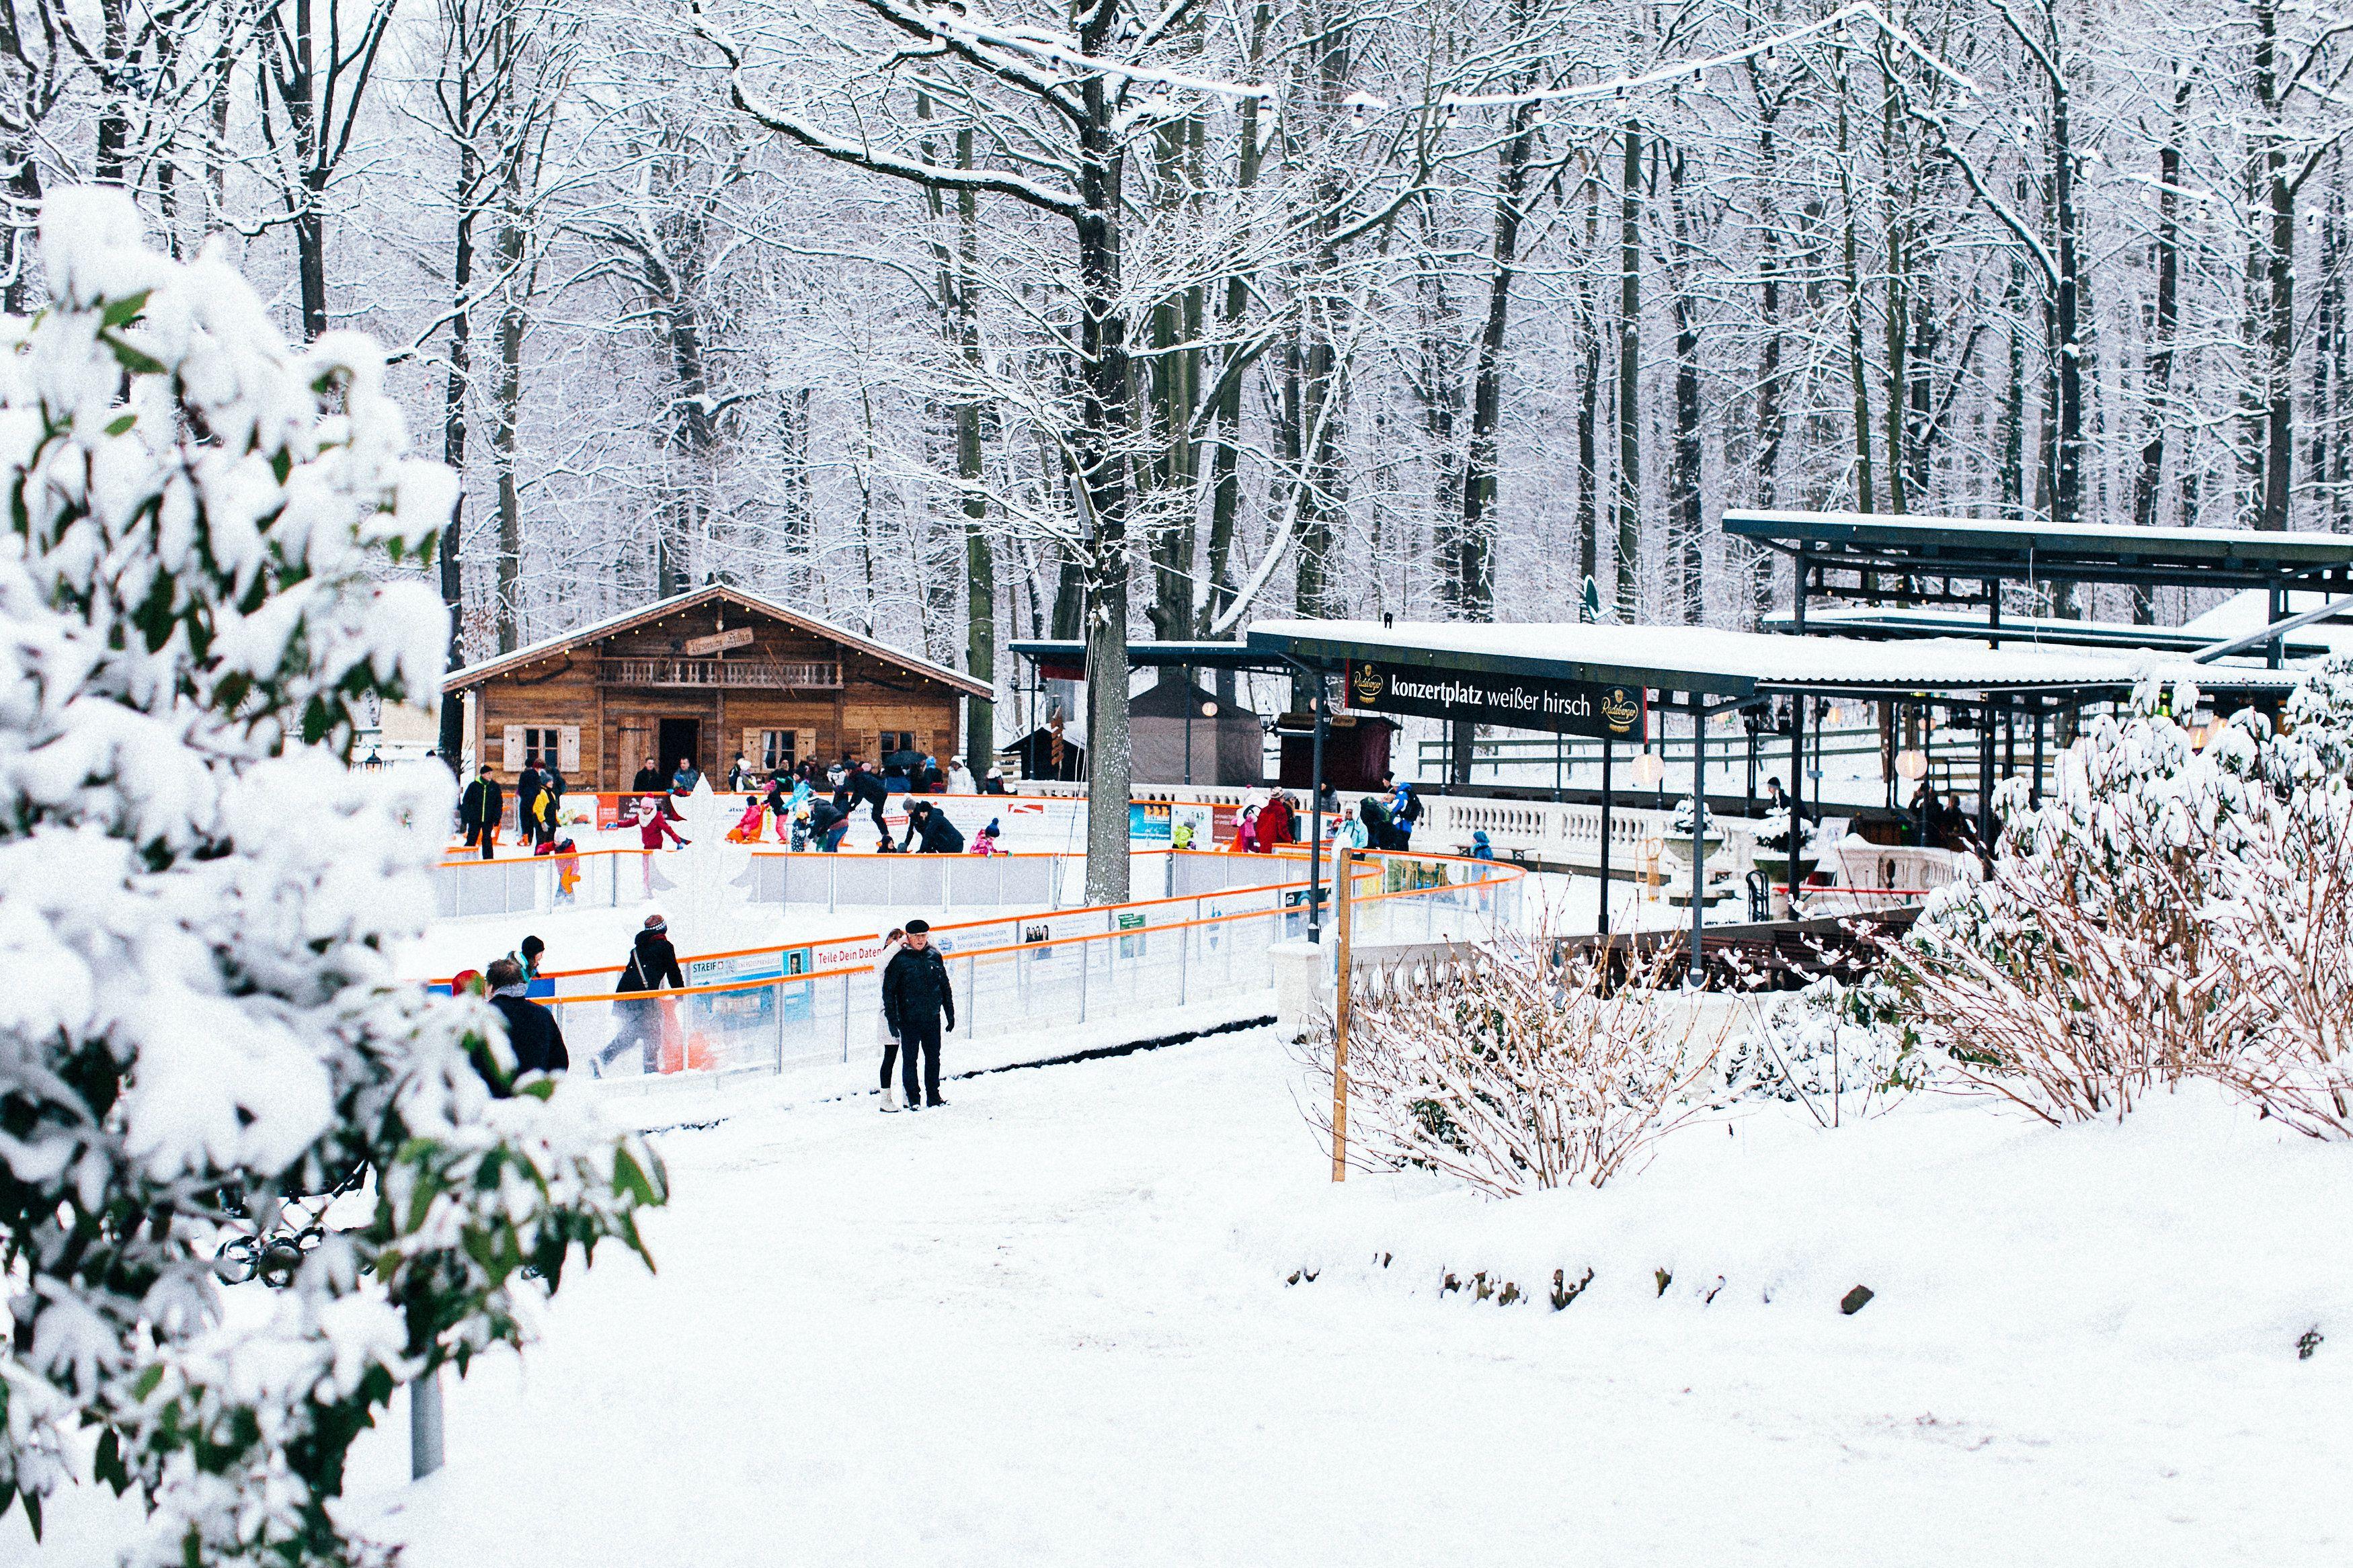 Uberlegen DRESDNER WINTER   Dresdens Romantischste Eisbahn Auf Dem Konzertplatz  Weißer Hirsch Bild: © Anke Wolten